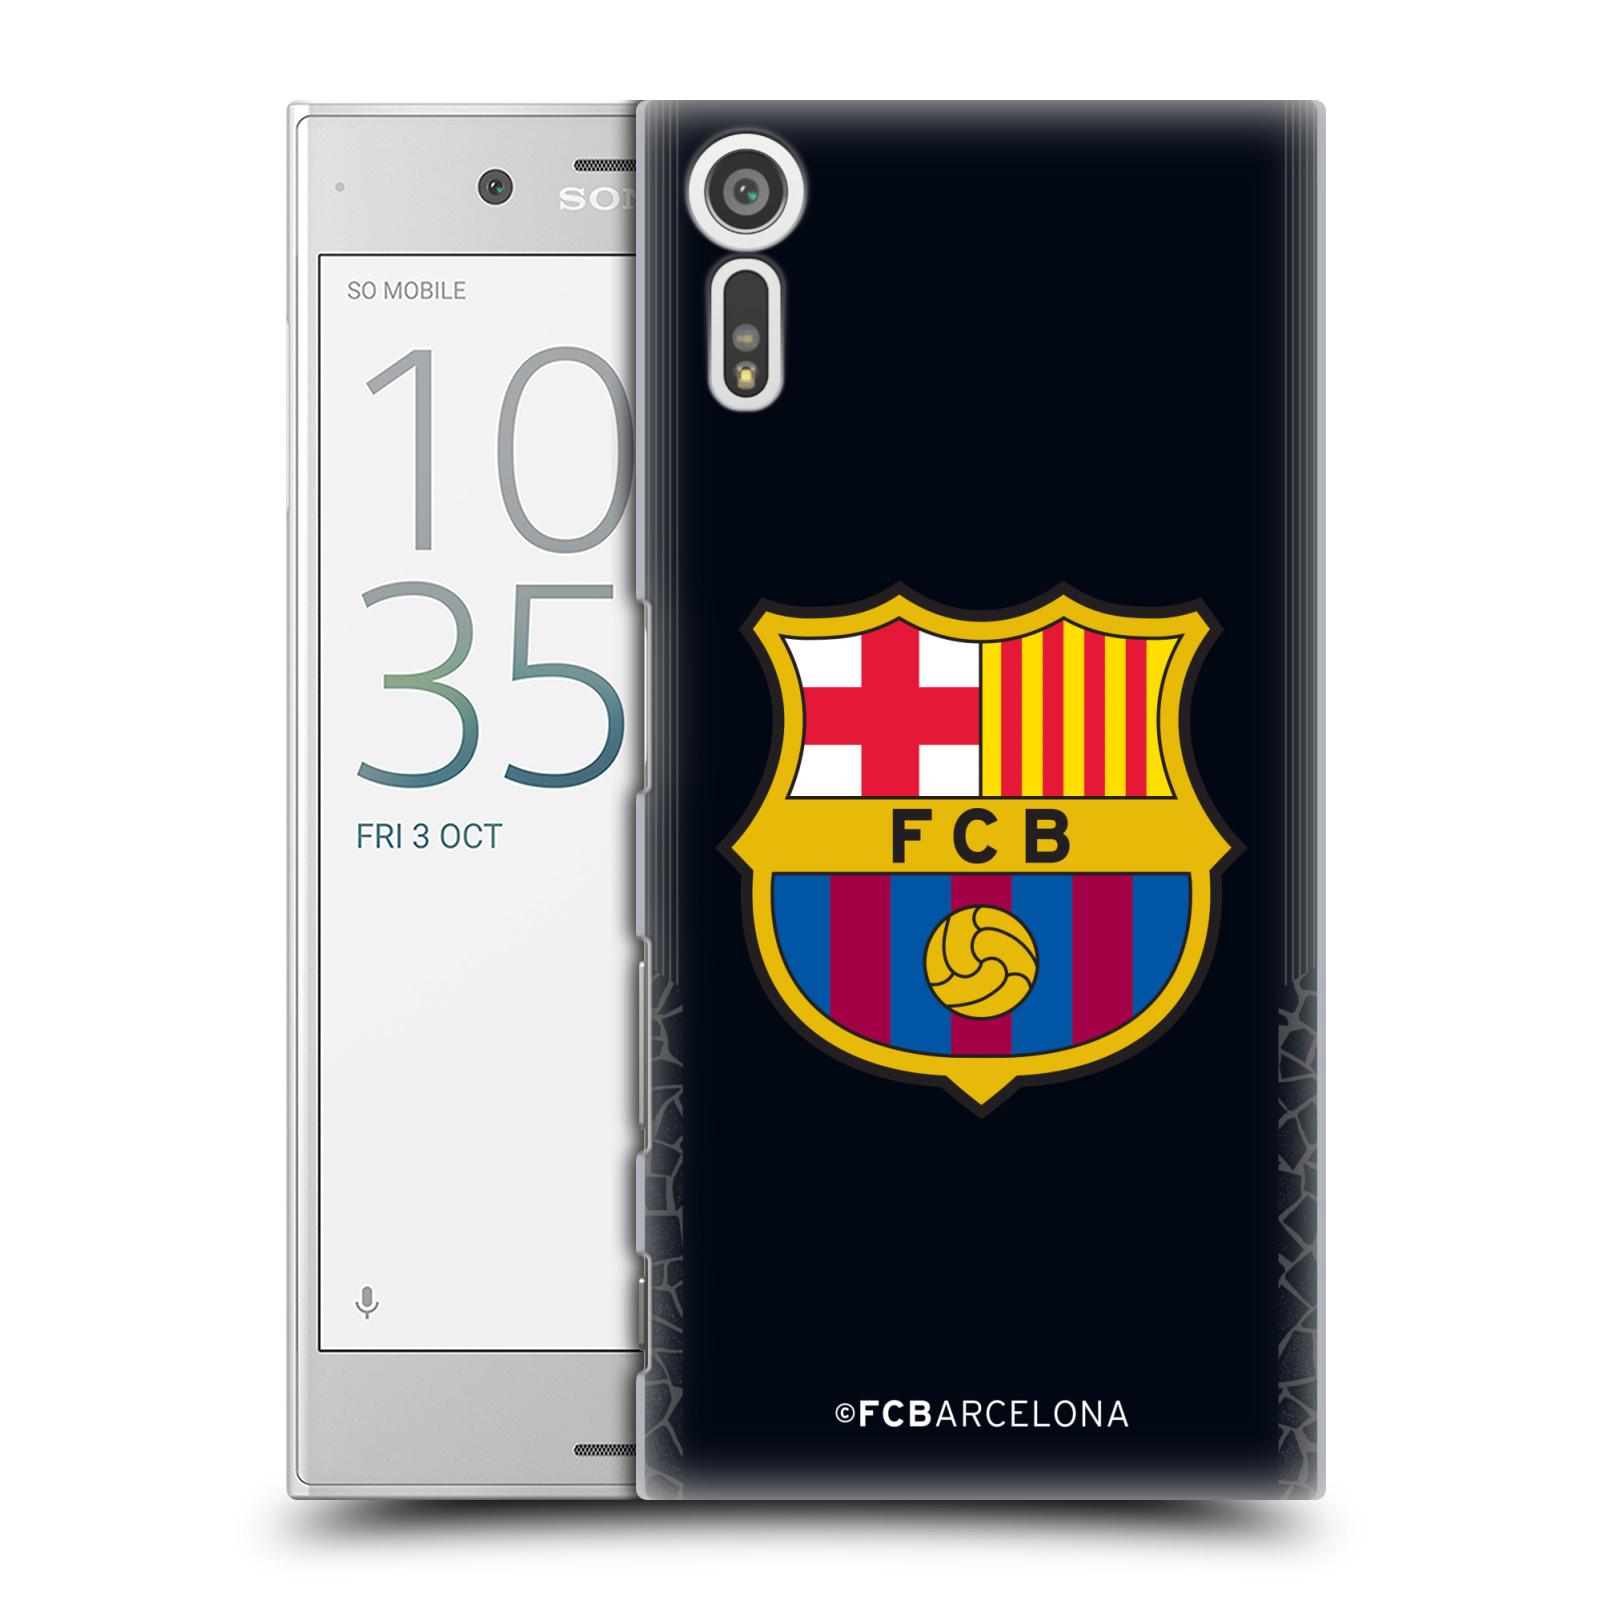 Plastové pouzdro na mobil Sony Xperia XZ - Head Case - FC Barcelona - Goalkeeper black logo (Plastový kryt či obal na mobilní telefon s oficiálním licencovaným motivem FC Barcelona - Goalkeeper black logo pro Sony Xperia XZ F8331 / Sony Xperia XZ Dual F83